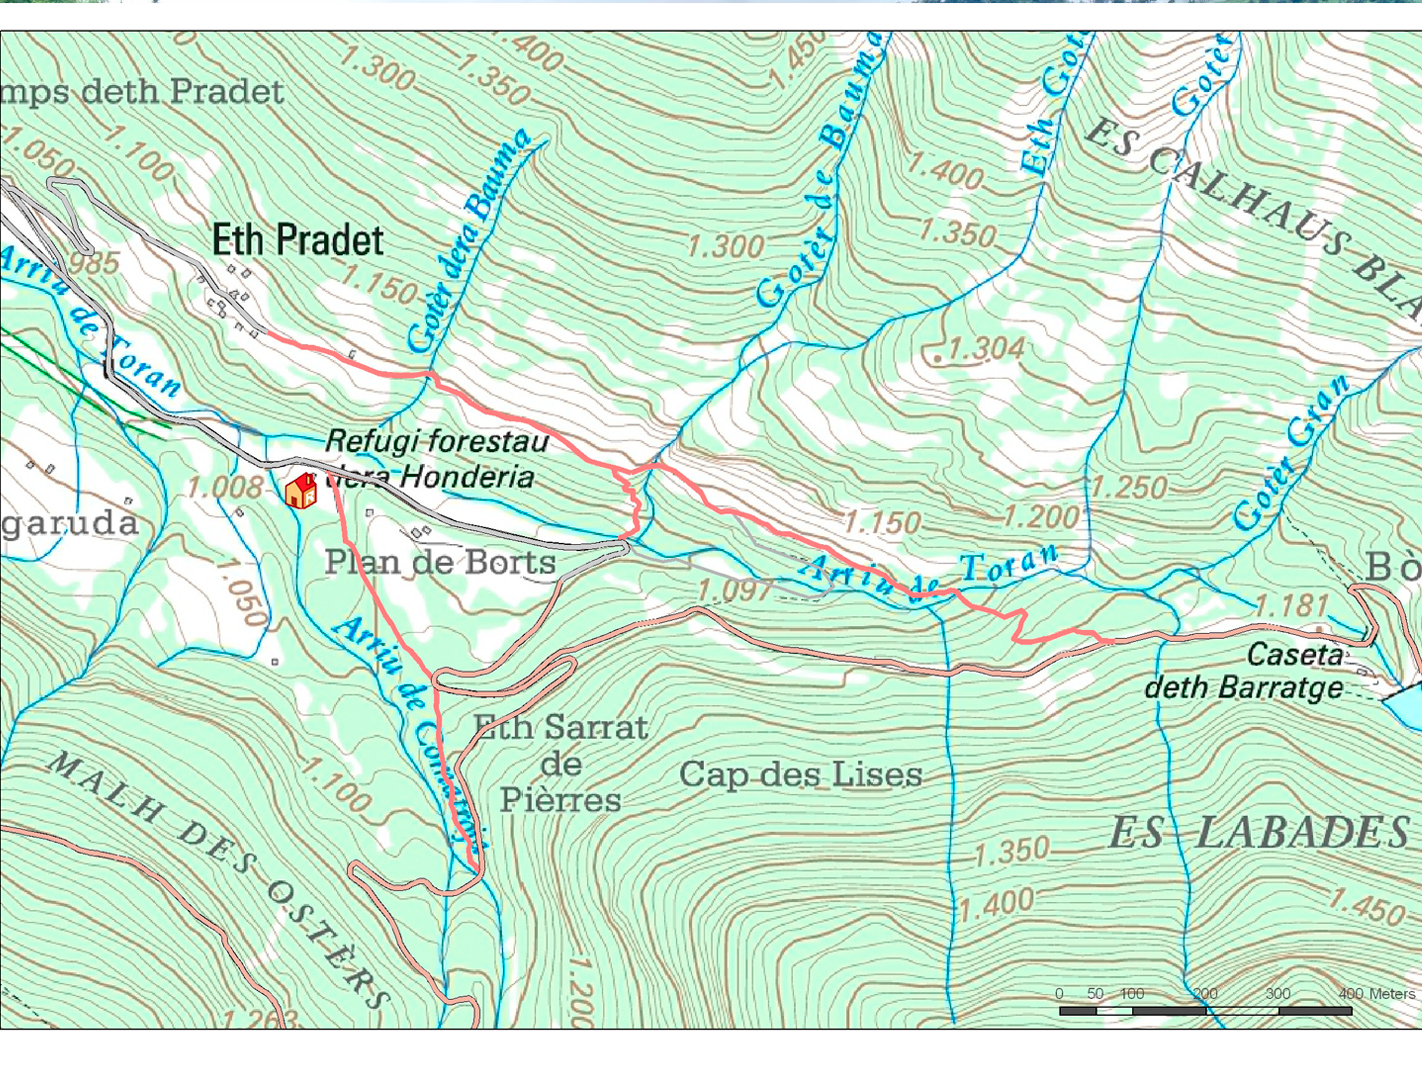 Cami-Vell-del-Pradet-mapa-